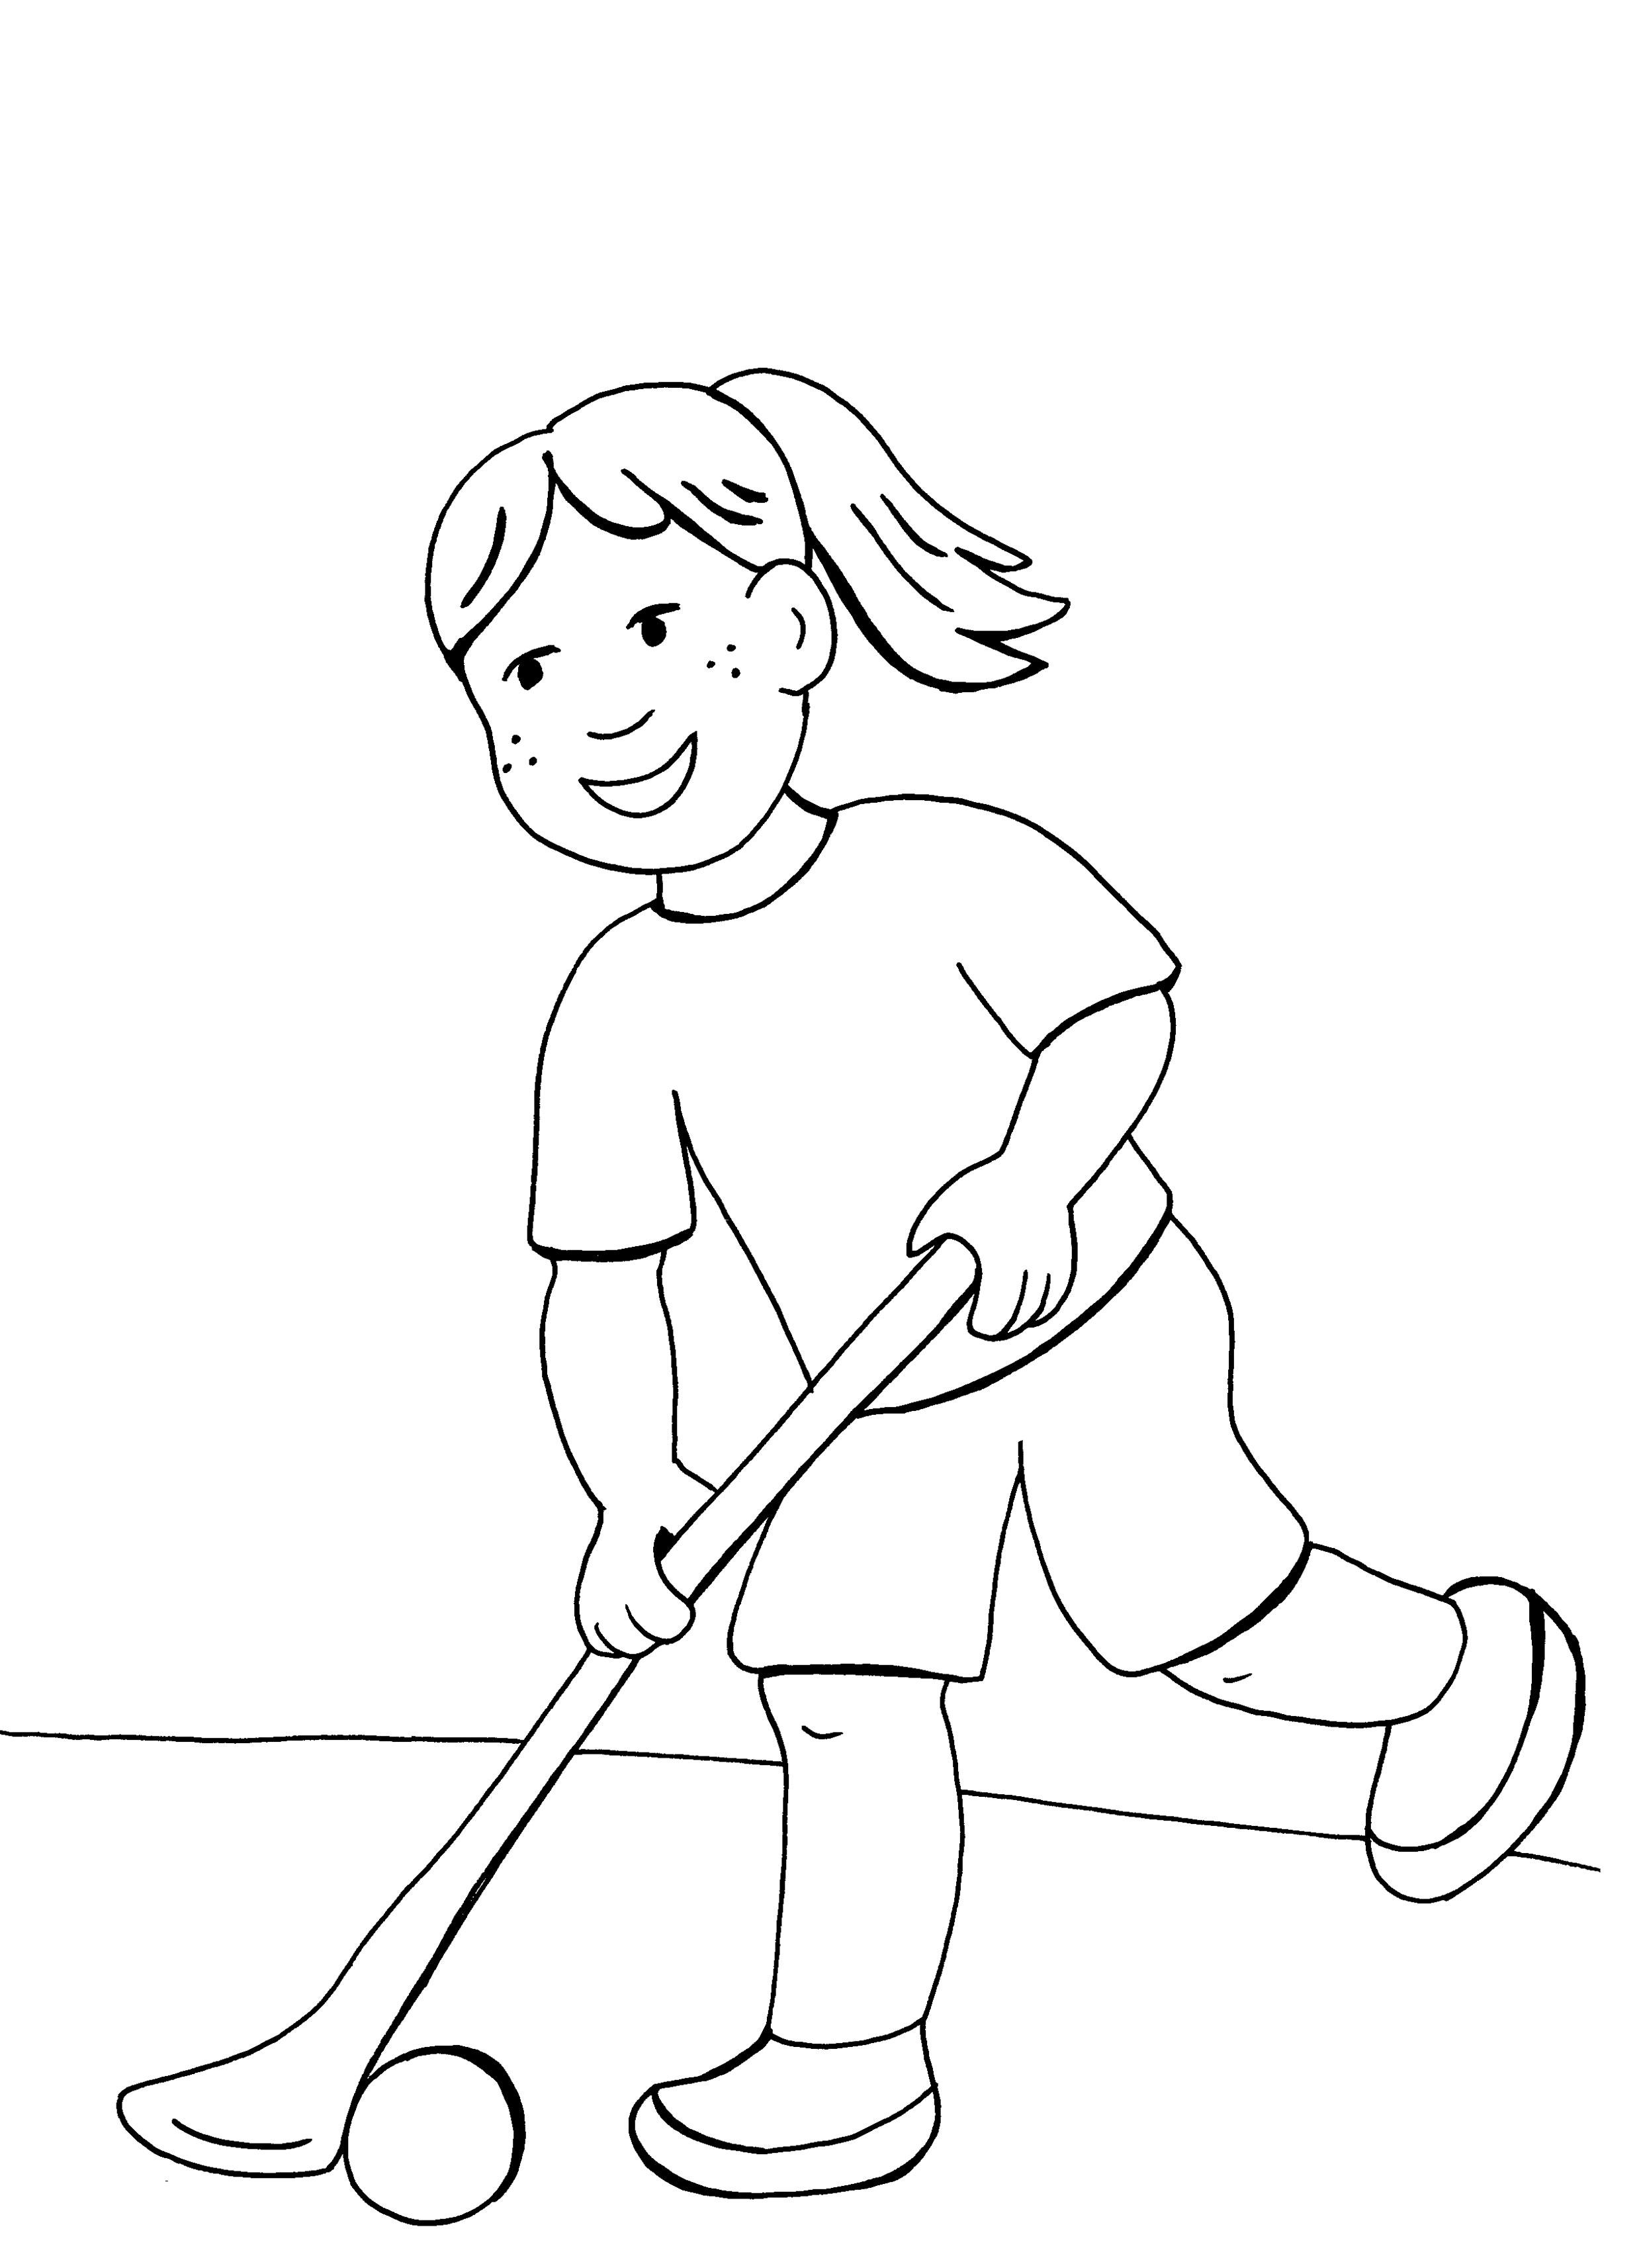 Niedlich Hockey Bilder Zum Ausmalen Ideen - Beispiel Zusammenfassung ...